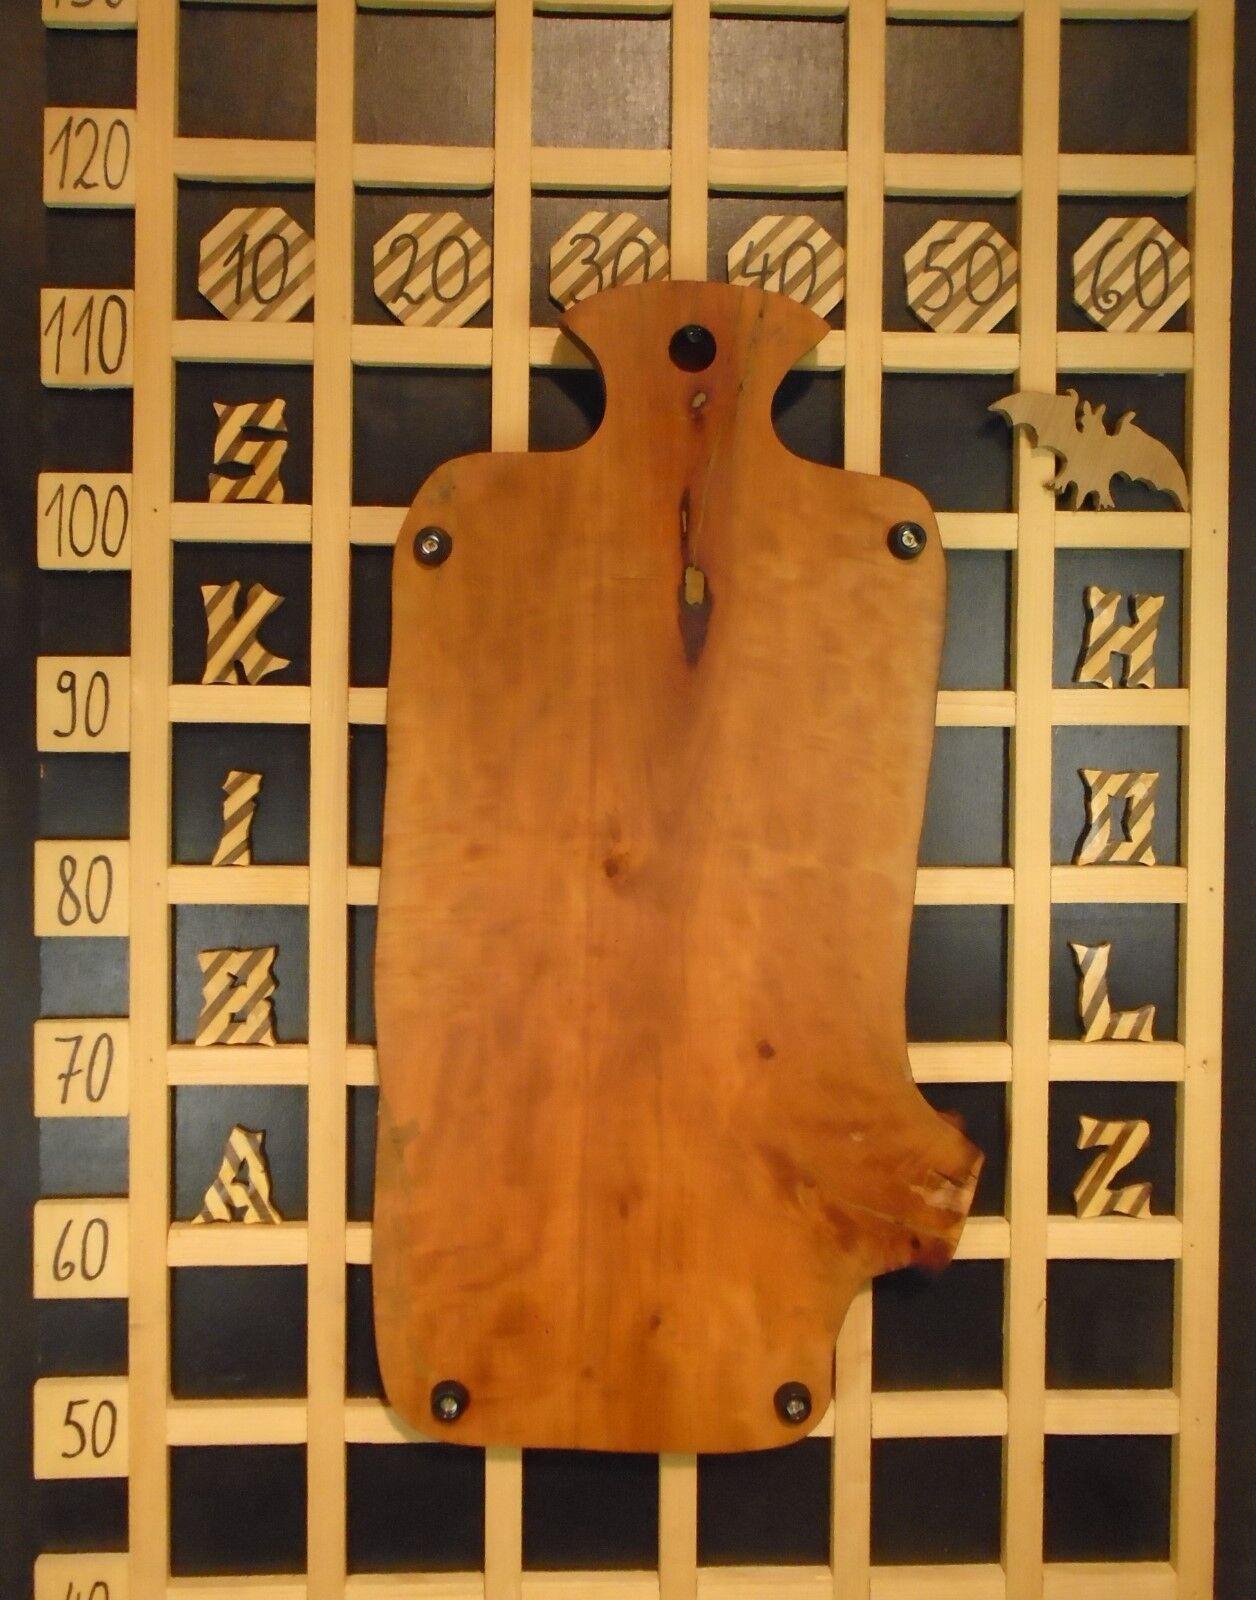 S16 S16 S16 Schneidebrett Küchenbrett Servierbrett handgefertigt Holz Birne geölt massiv | Outlet Online Store  105b86